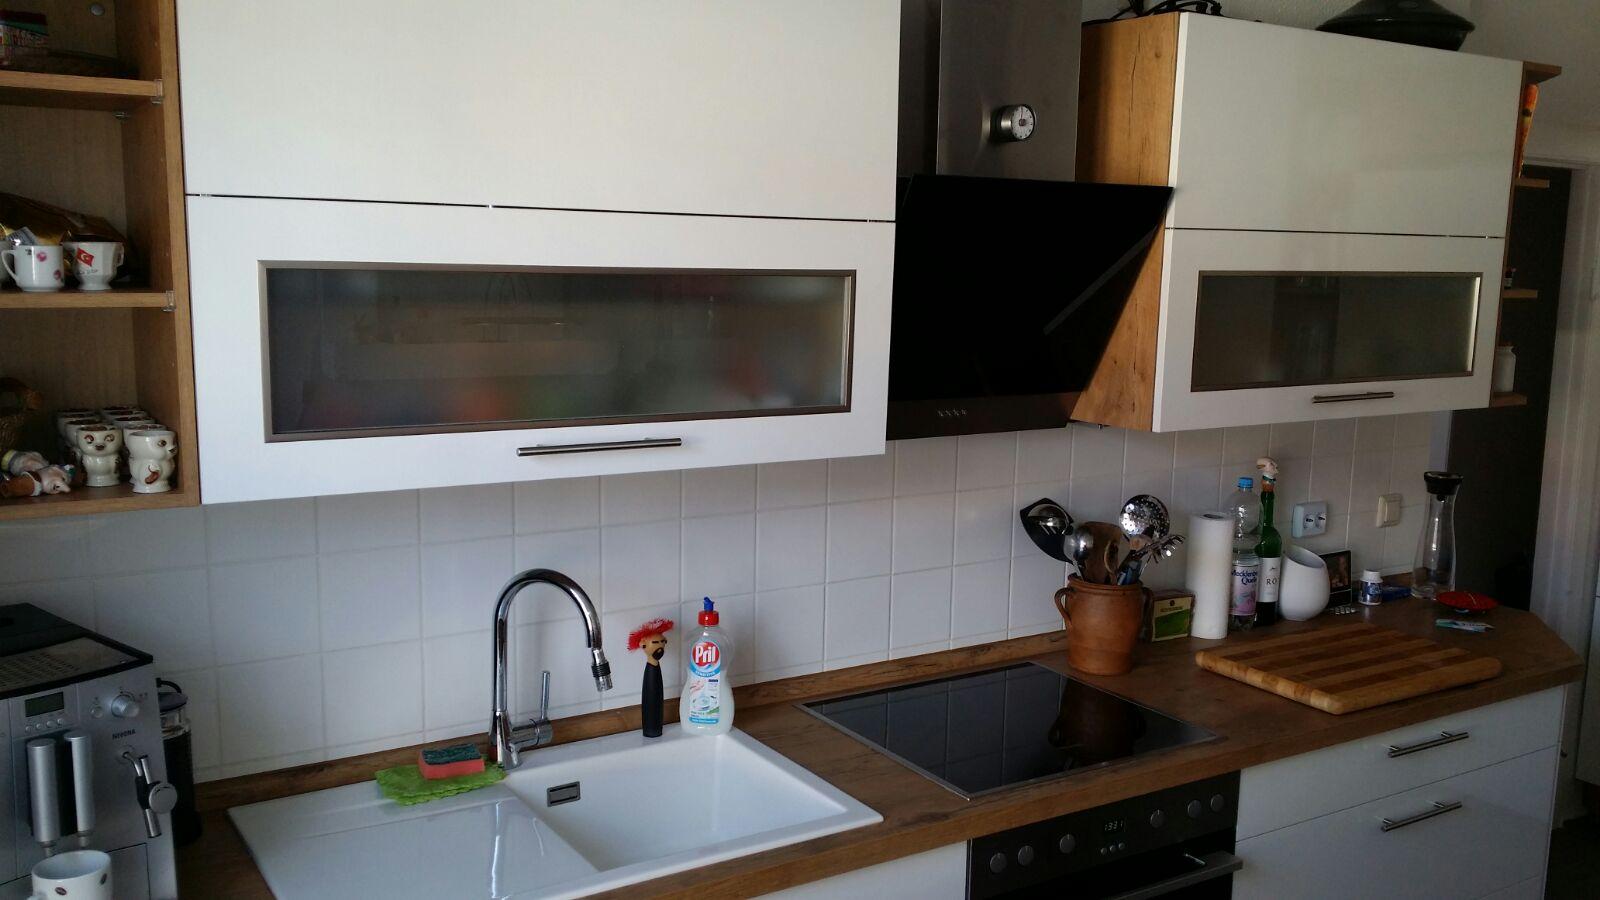 Einbaukuechen preiswert küchen herbert storkow baut Marken Küchen | {Einbauküche preiswert 8}